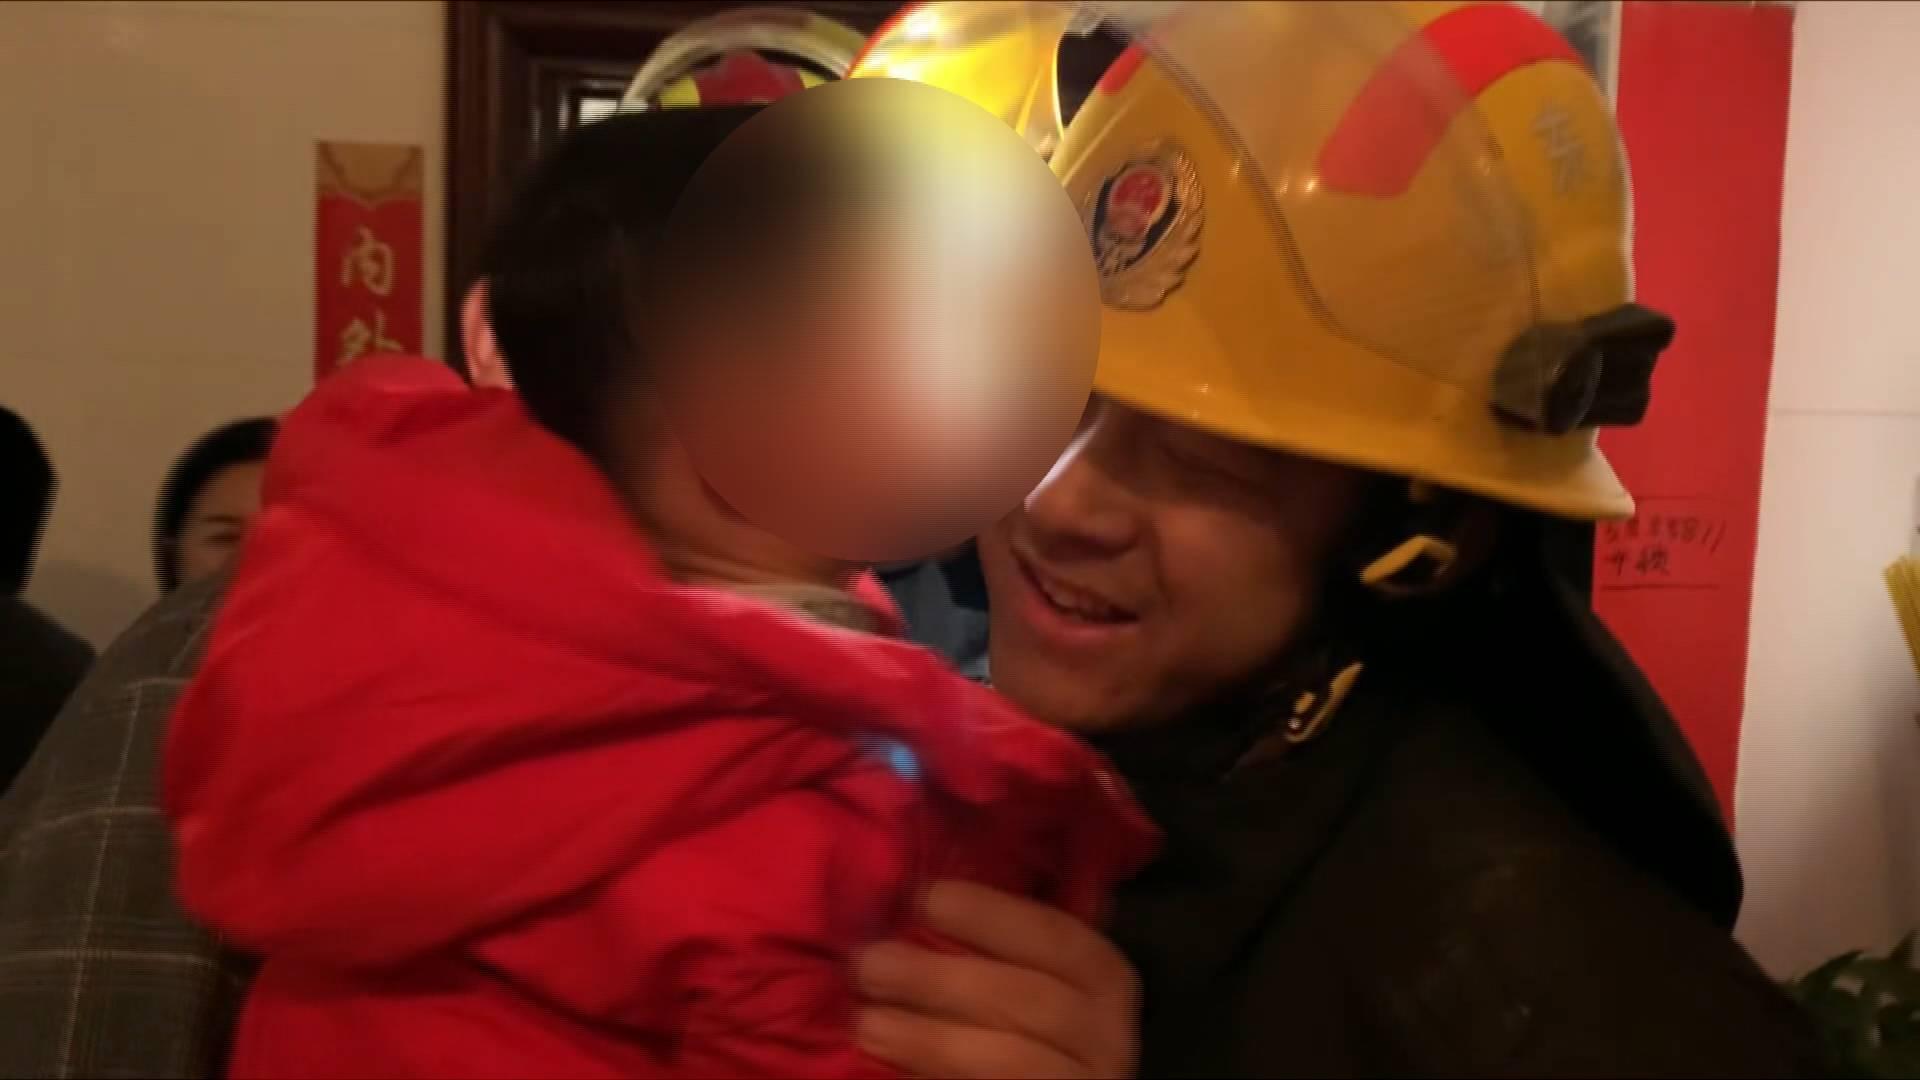 50秒|除夕夜淄博3岁男童被困电梯 救出后萌娃向消防员献甜吻表示感谢